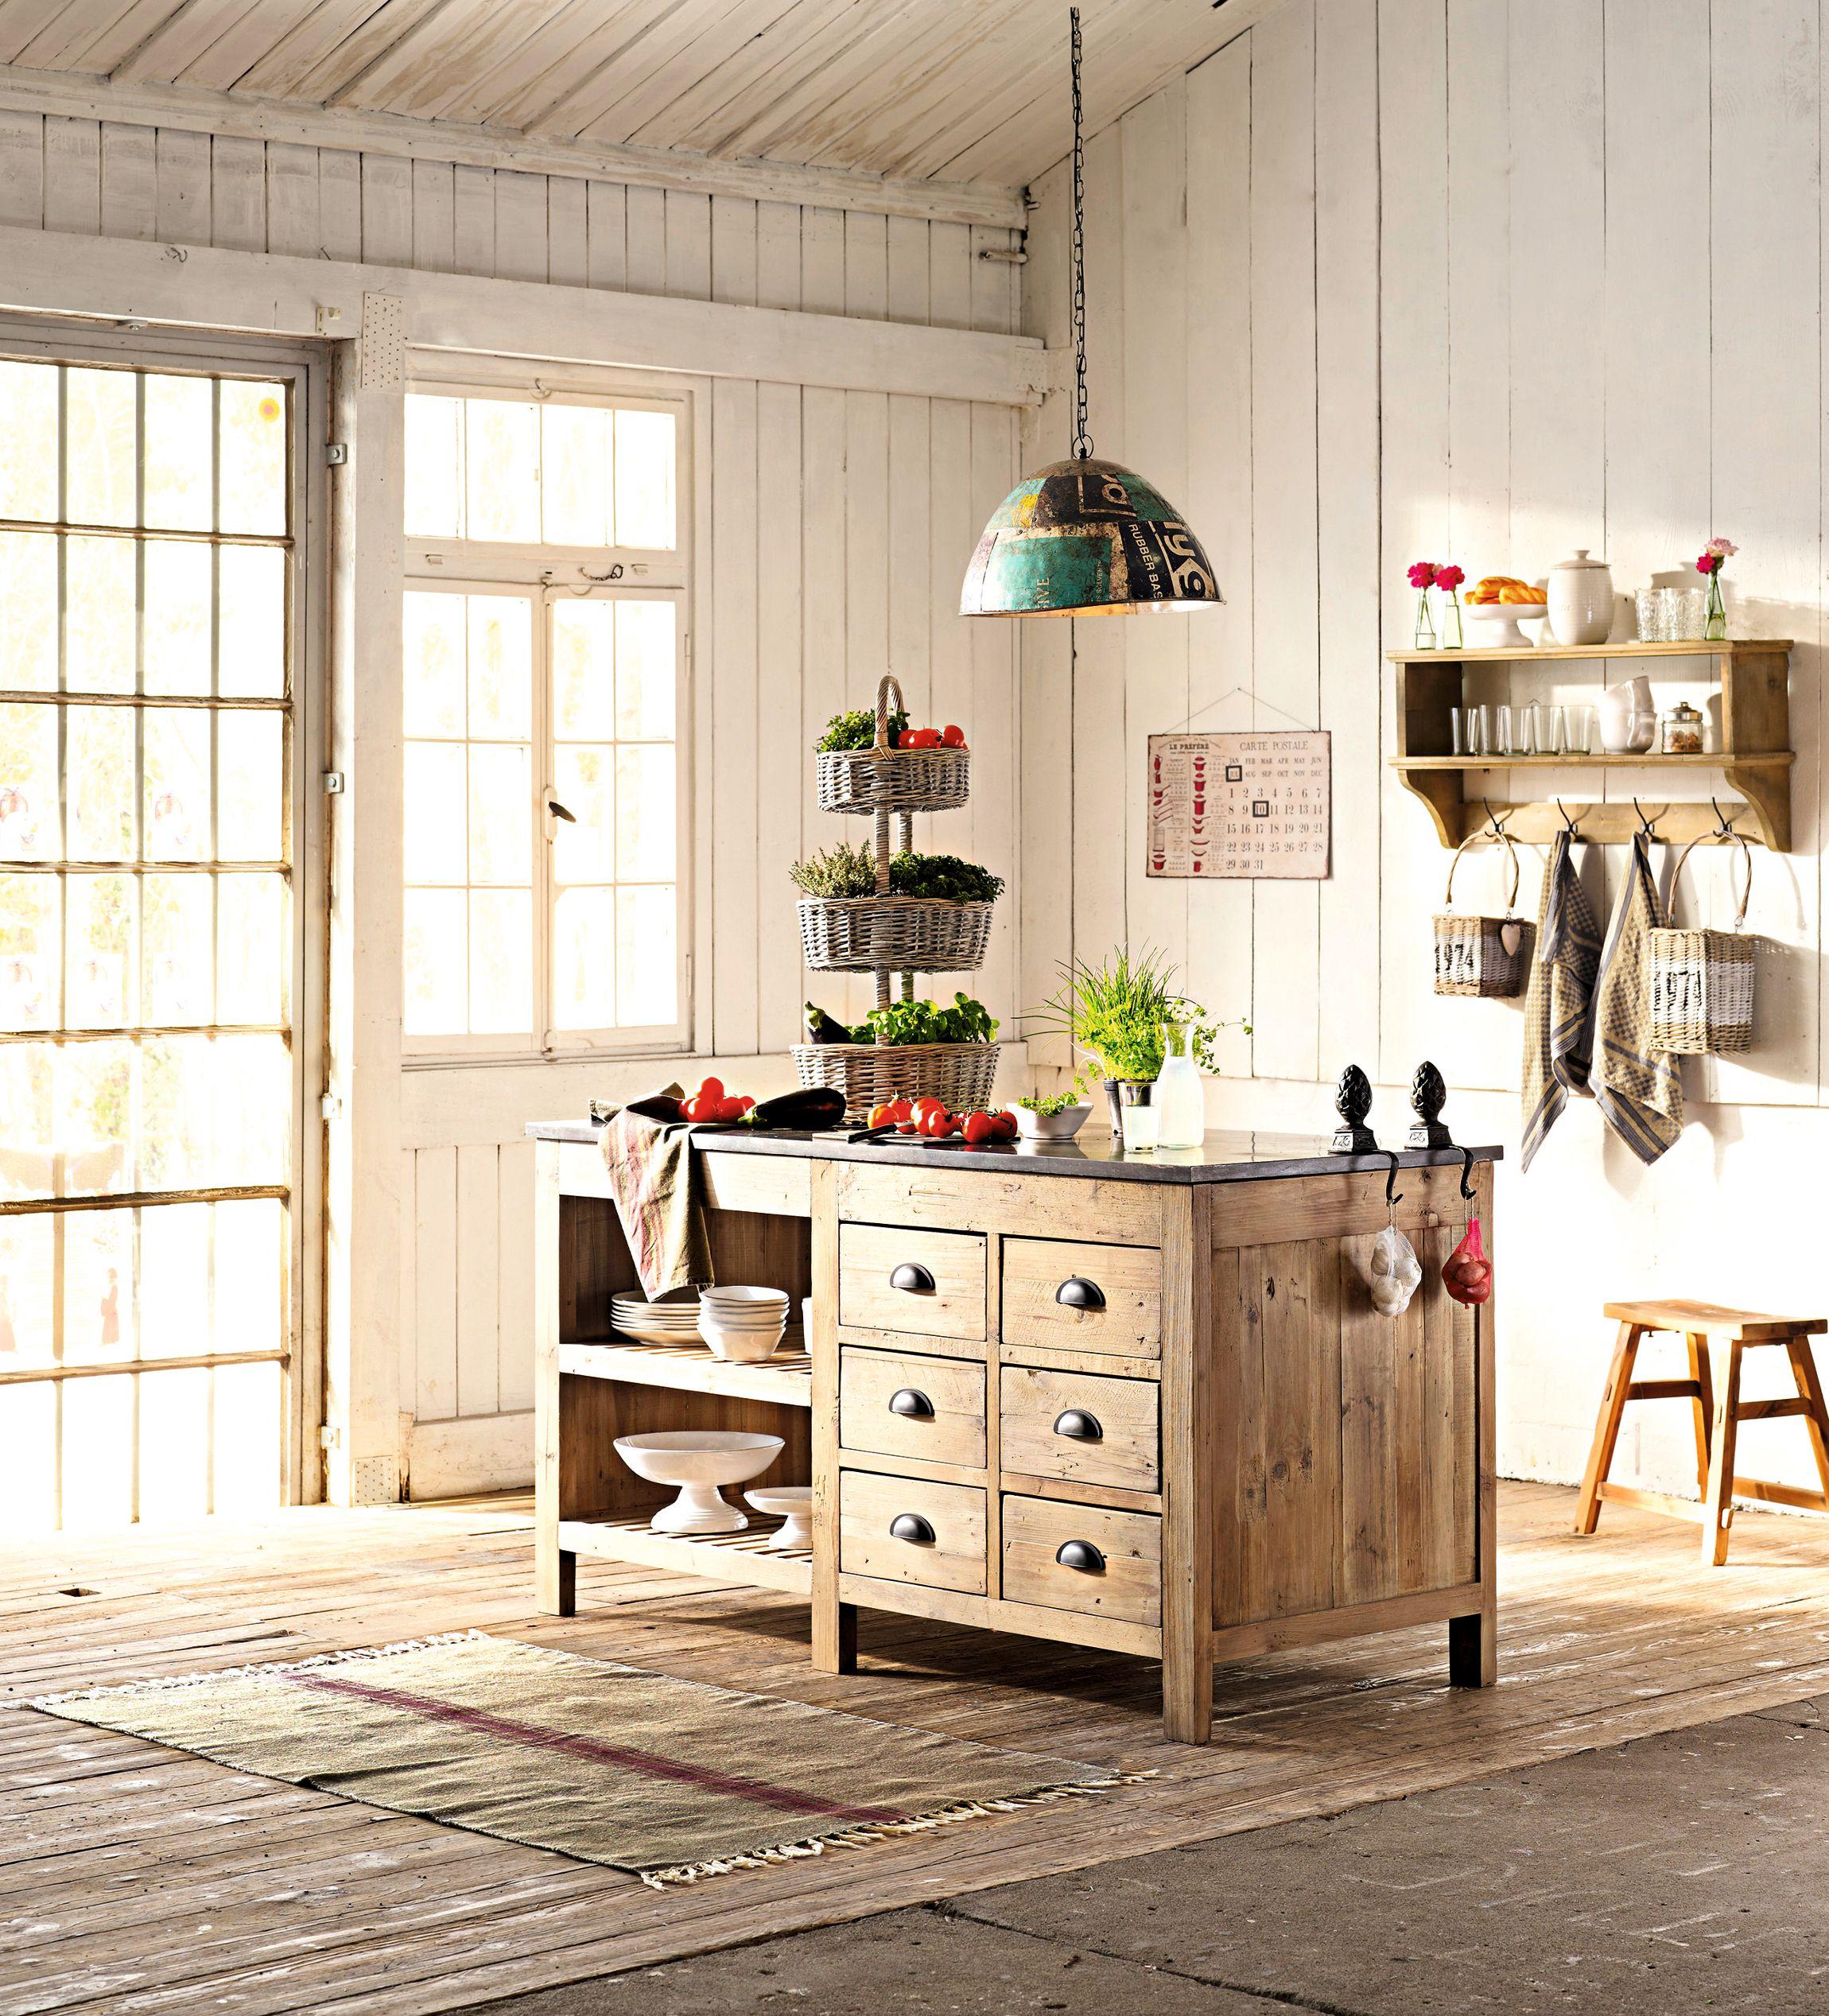 schrank crawley etagere willow und windlicht benjamin. Black Bedroom Furniture Sets. Home Design Ideas